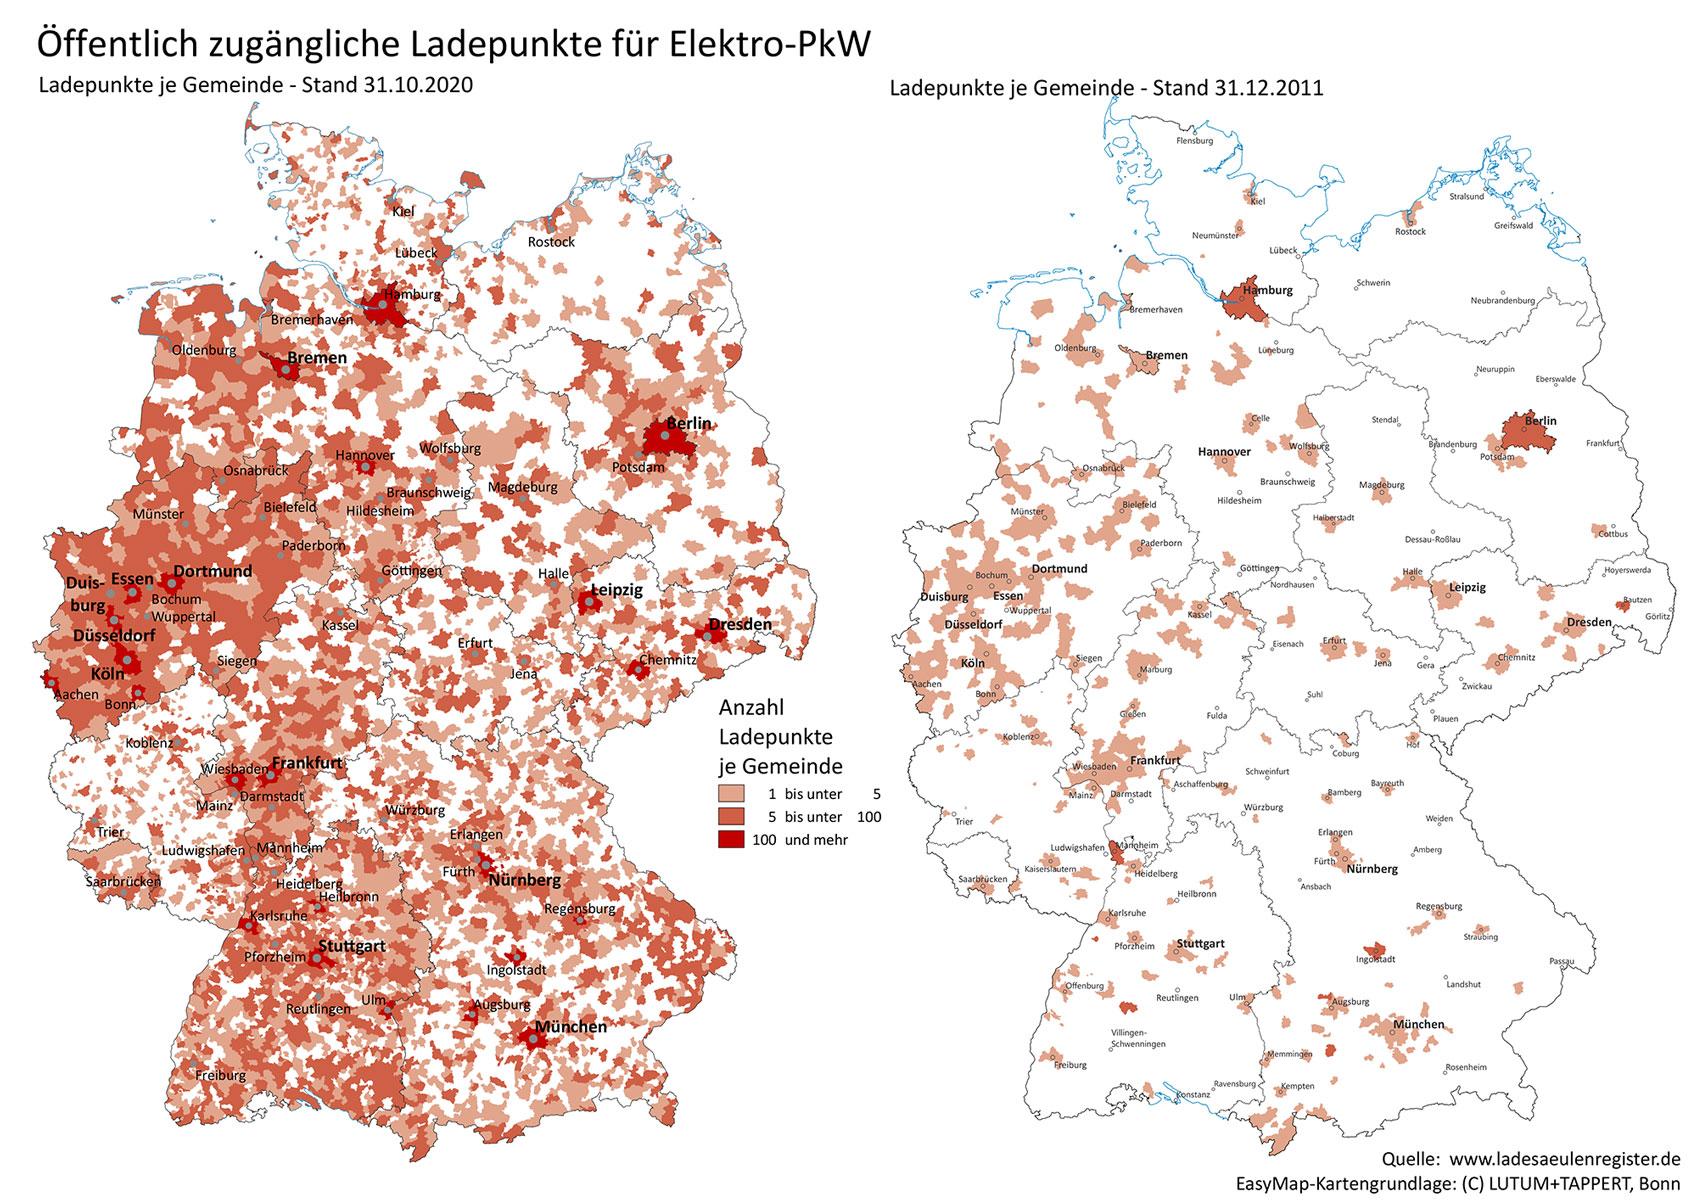 Ladepunkte-je-Gemeinde-(Vergleich-zu-2011)